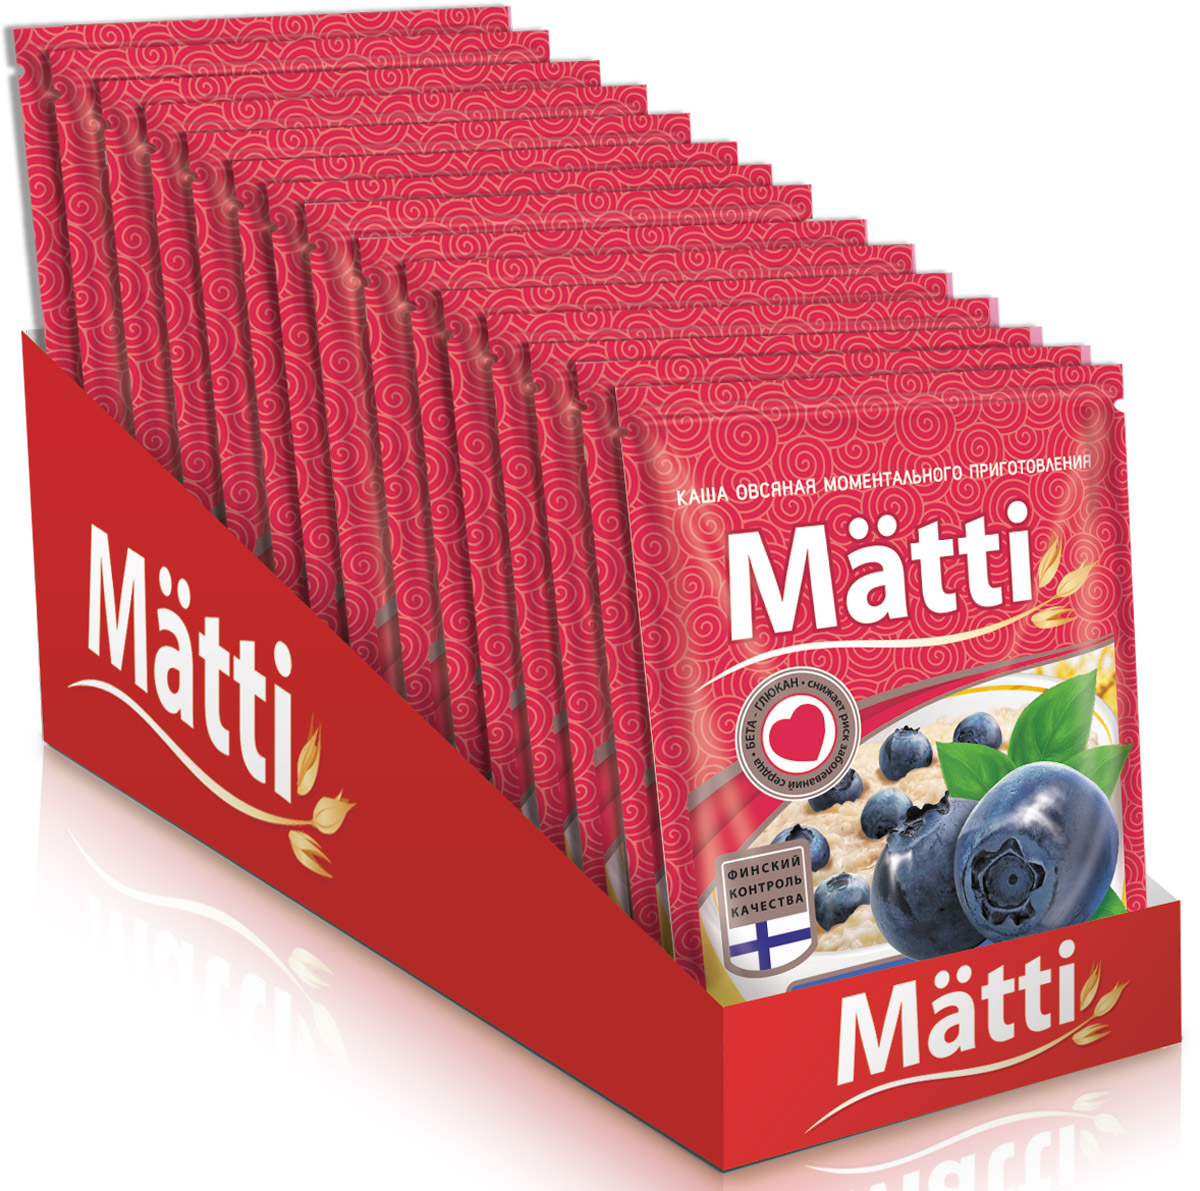 Matti каша с черникой, 15 шт по 40 г